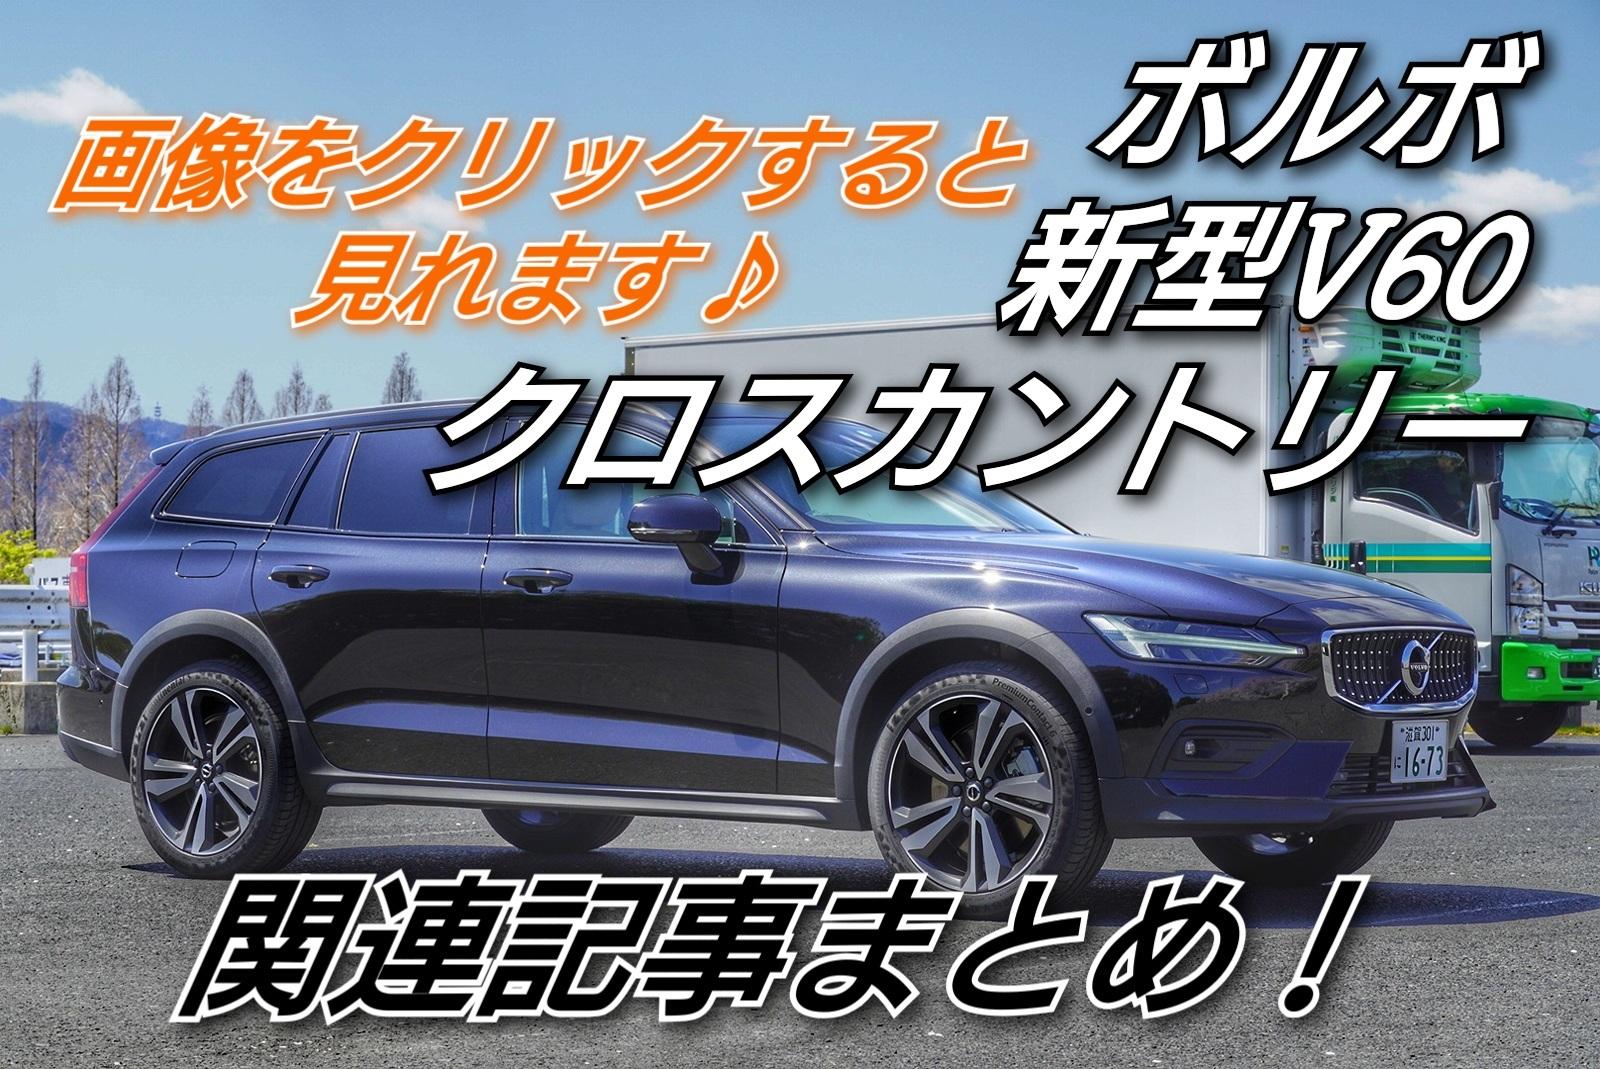 【ボルボ新型V60クロスカントリー関連記事まとめ】